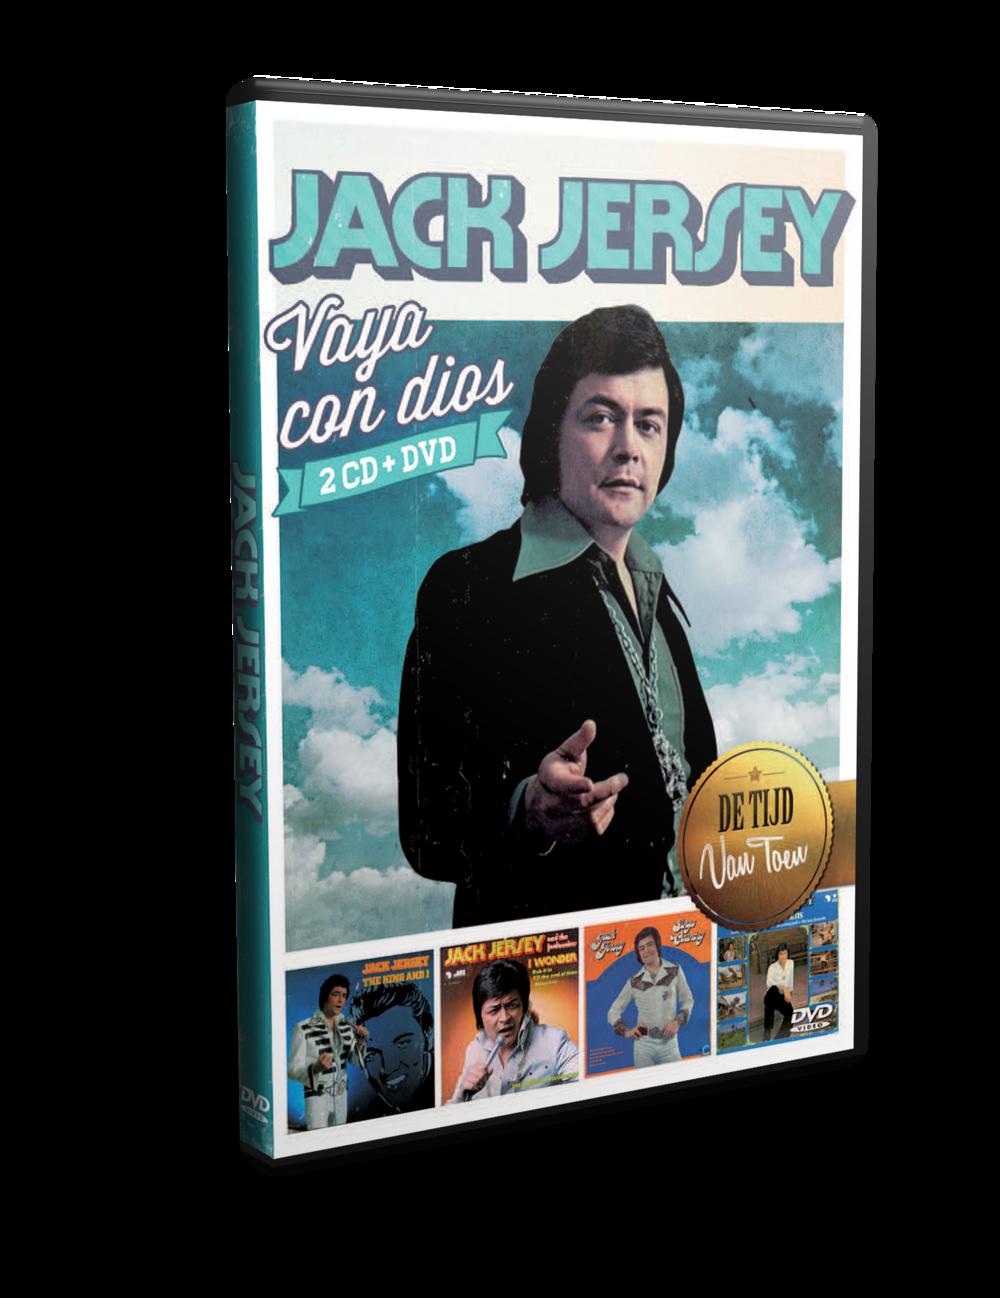 Jack Jersey DVD